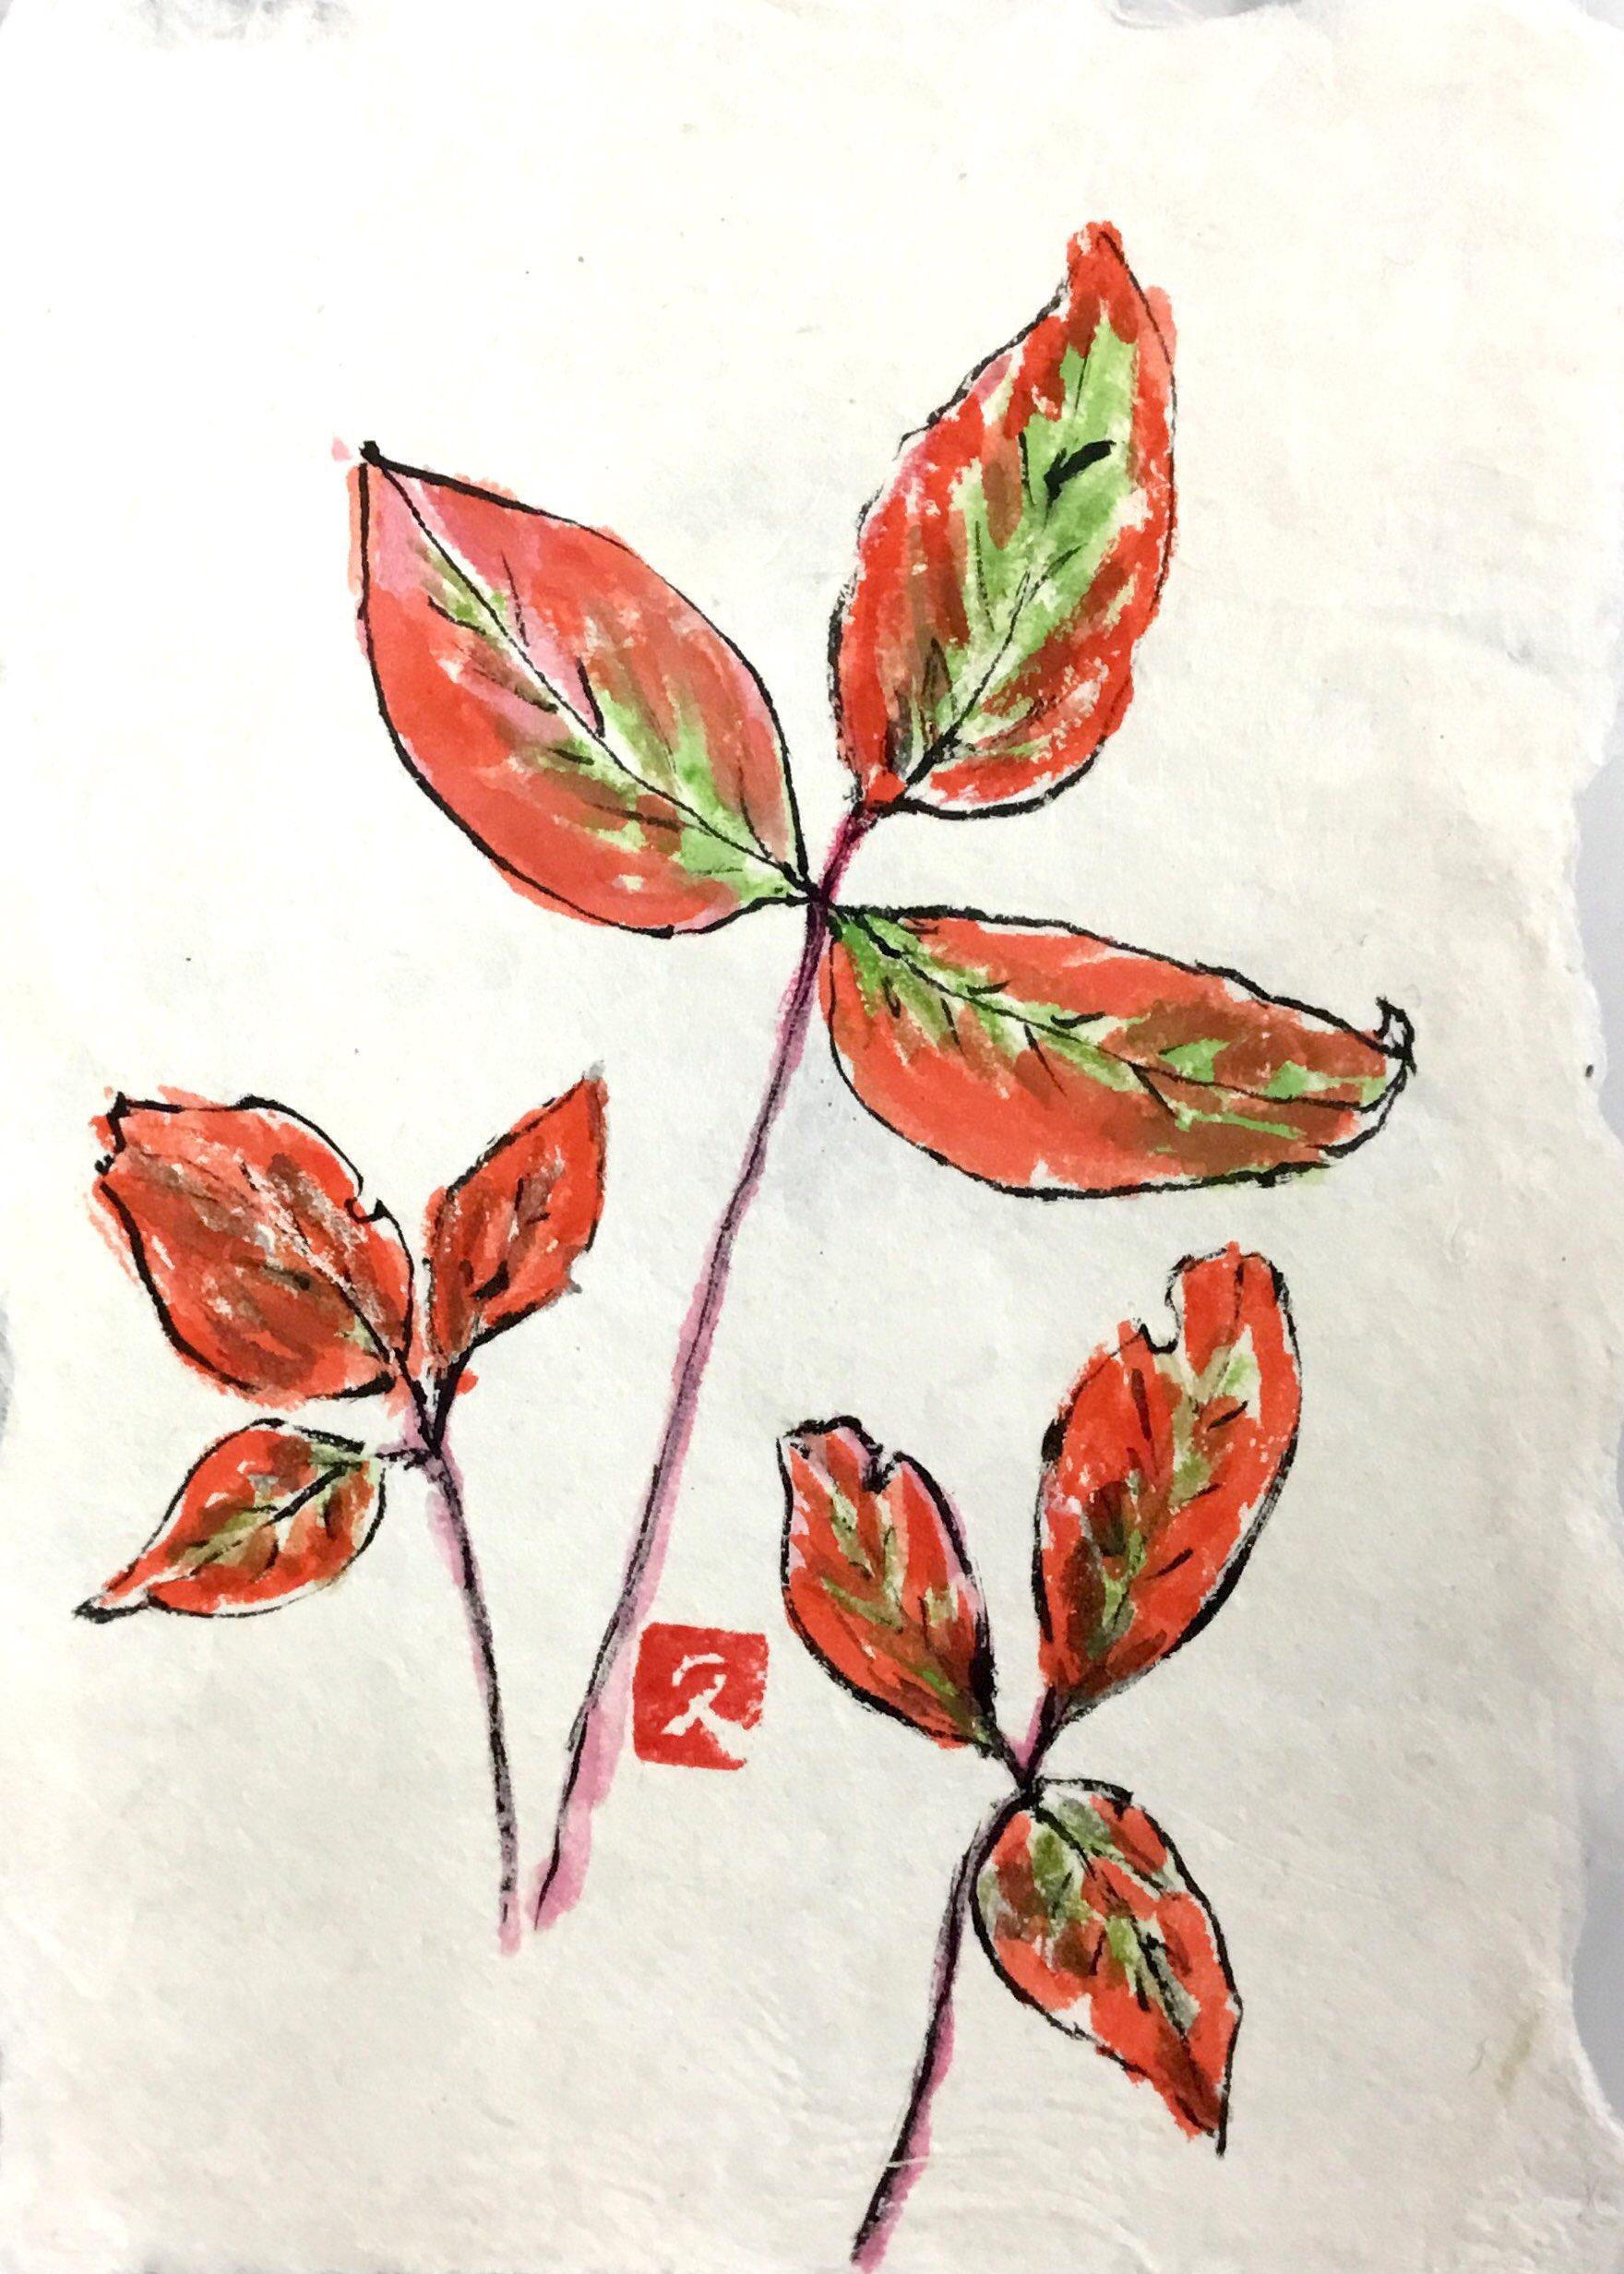 秋の紅葉した落ち葉